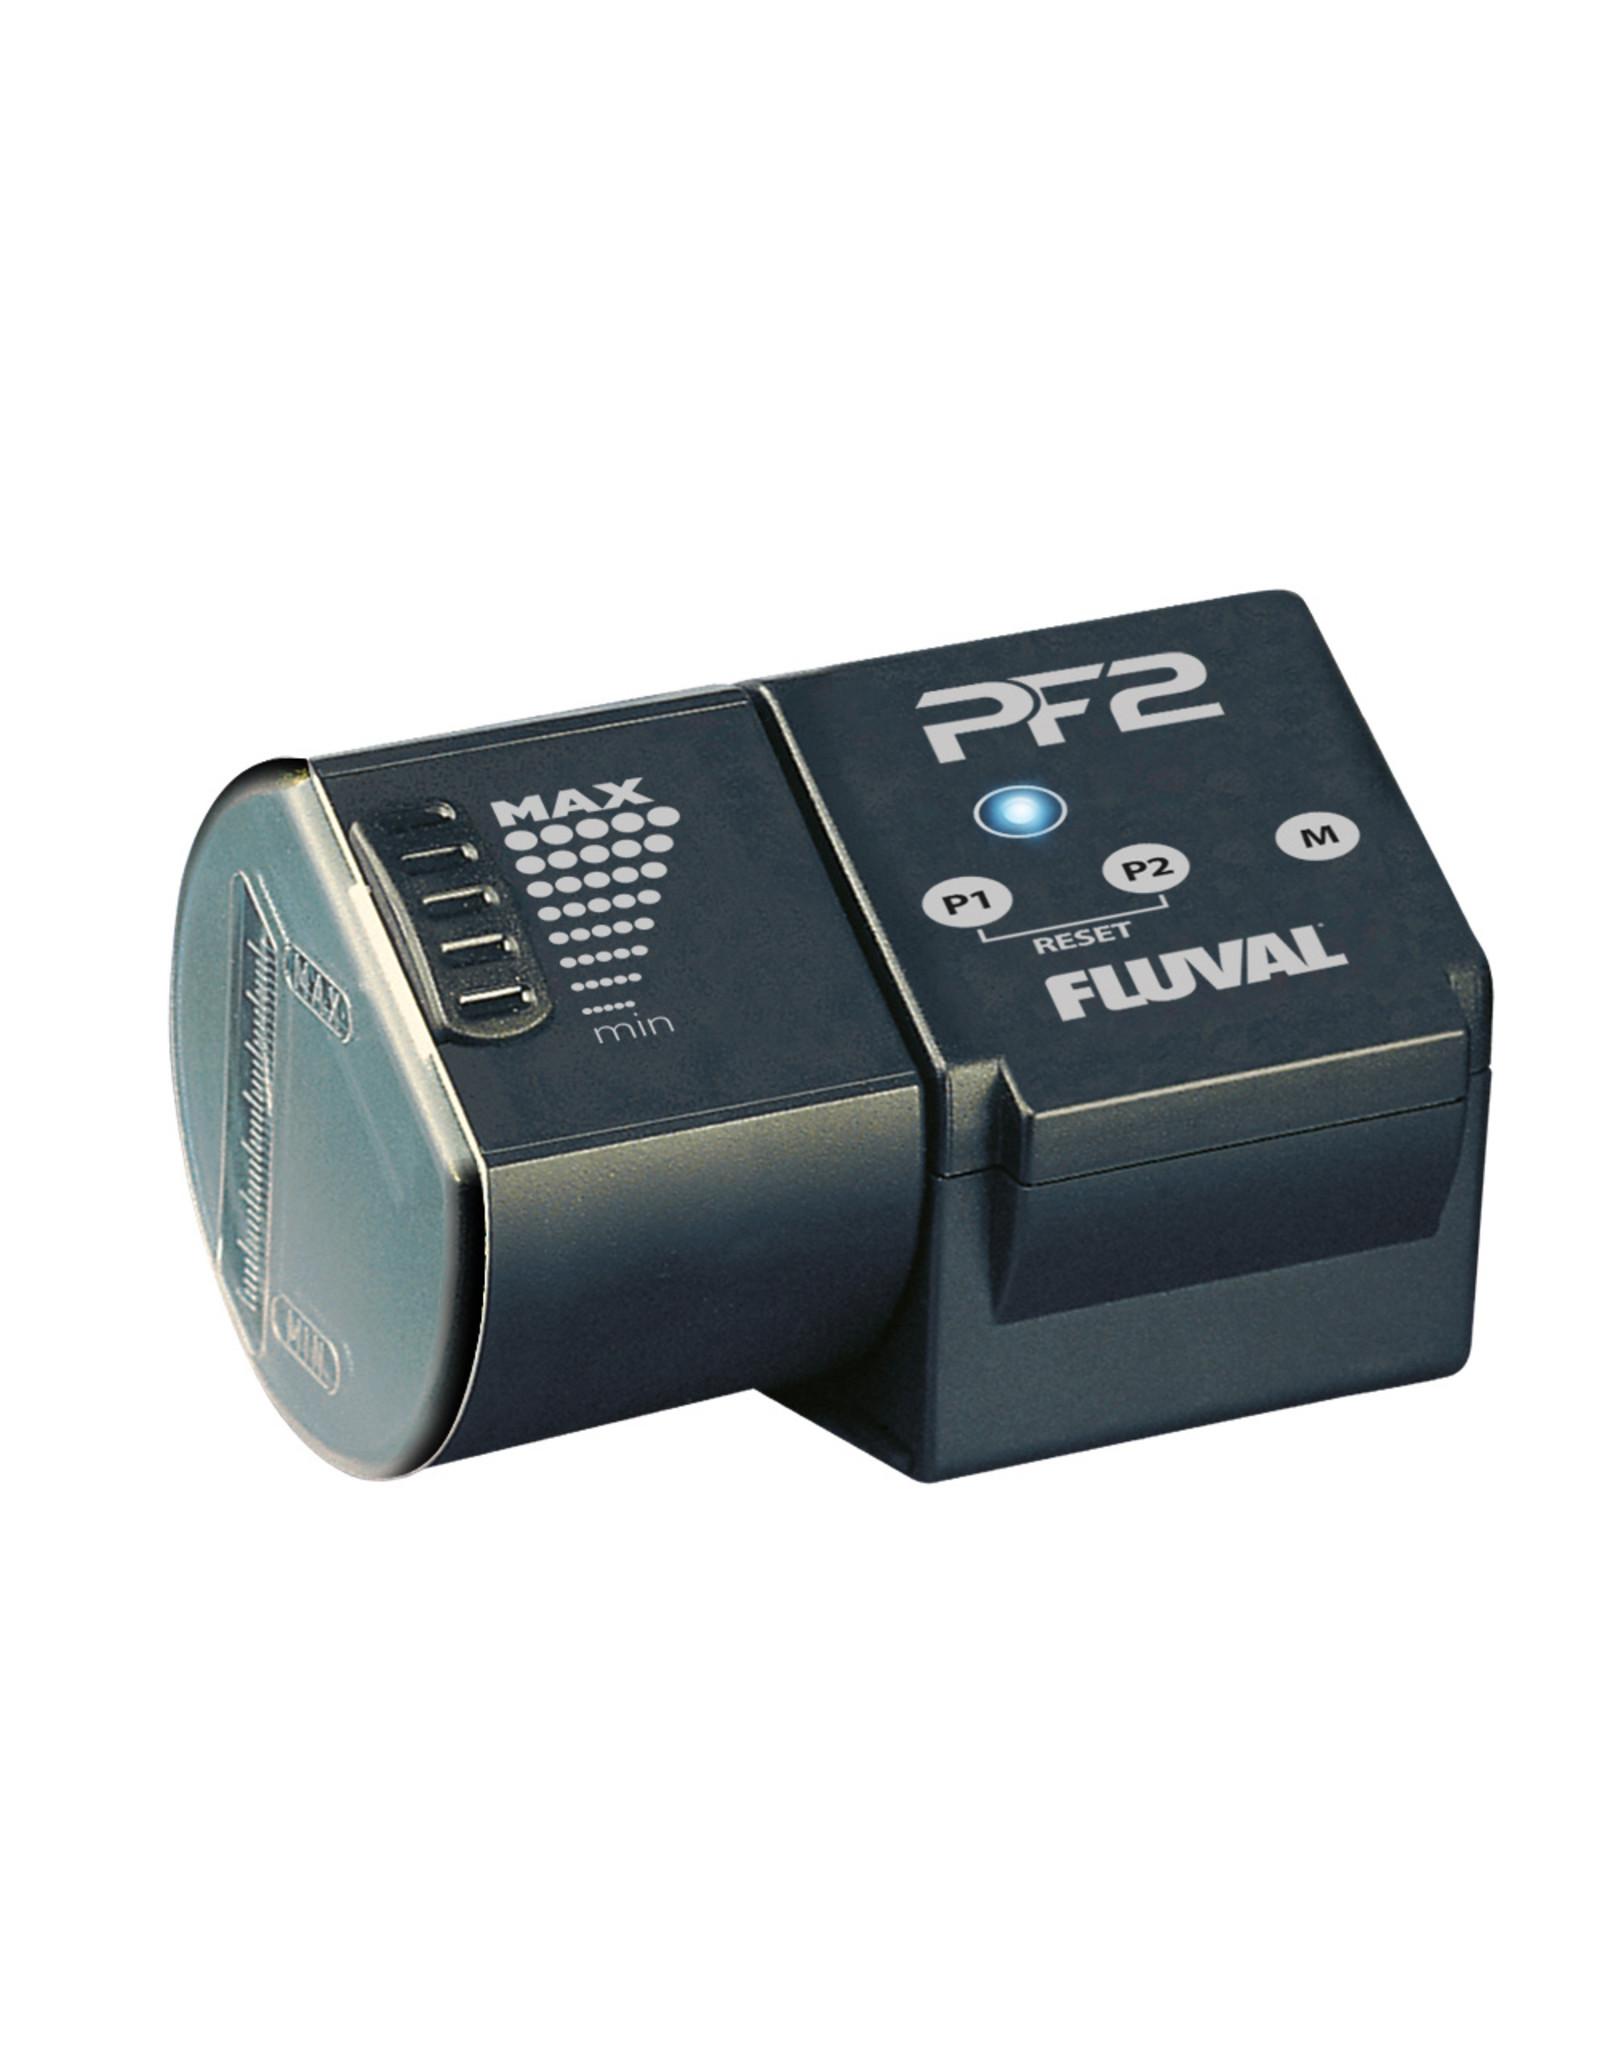 Fluval FLUVAL Programmable Fish Feeder PF2